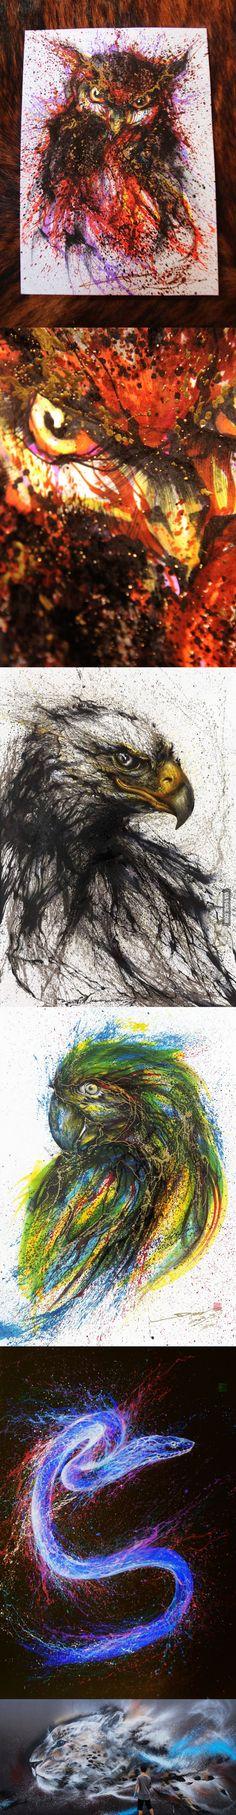 Amazing Ink-Splatter Paintings